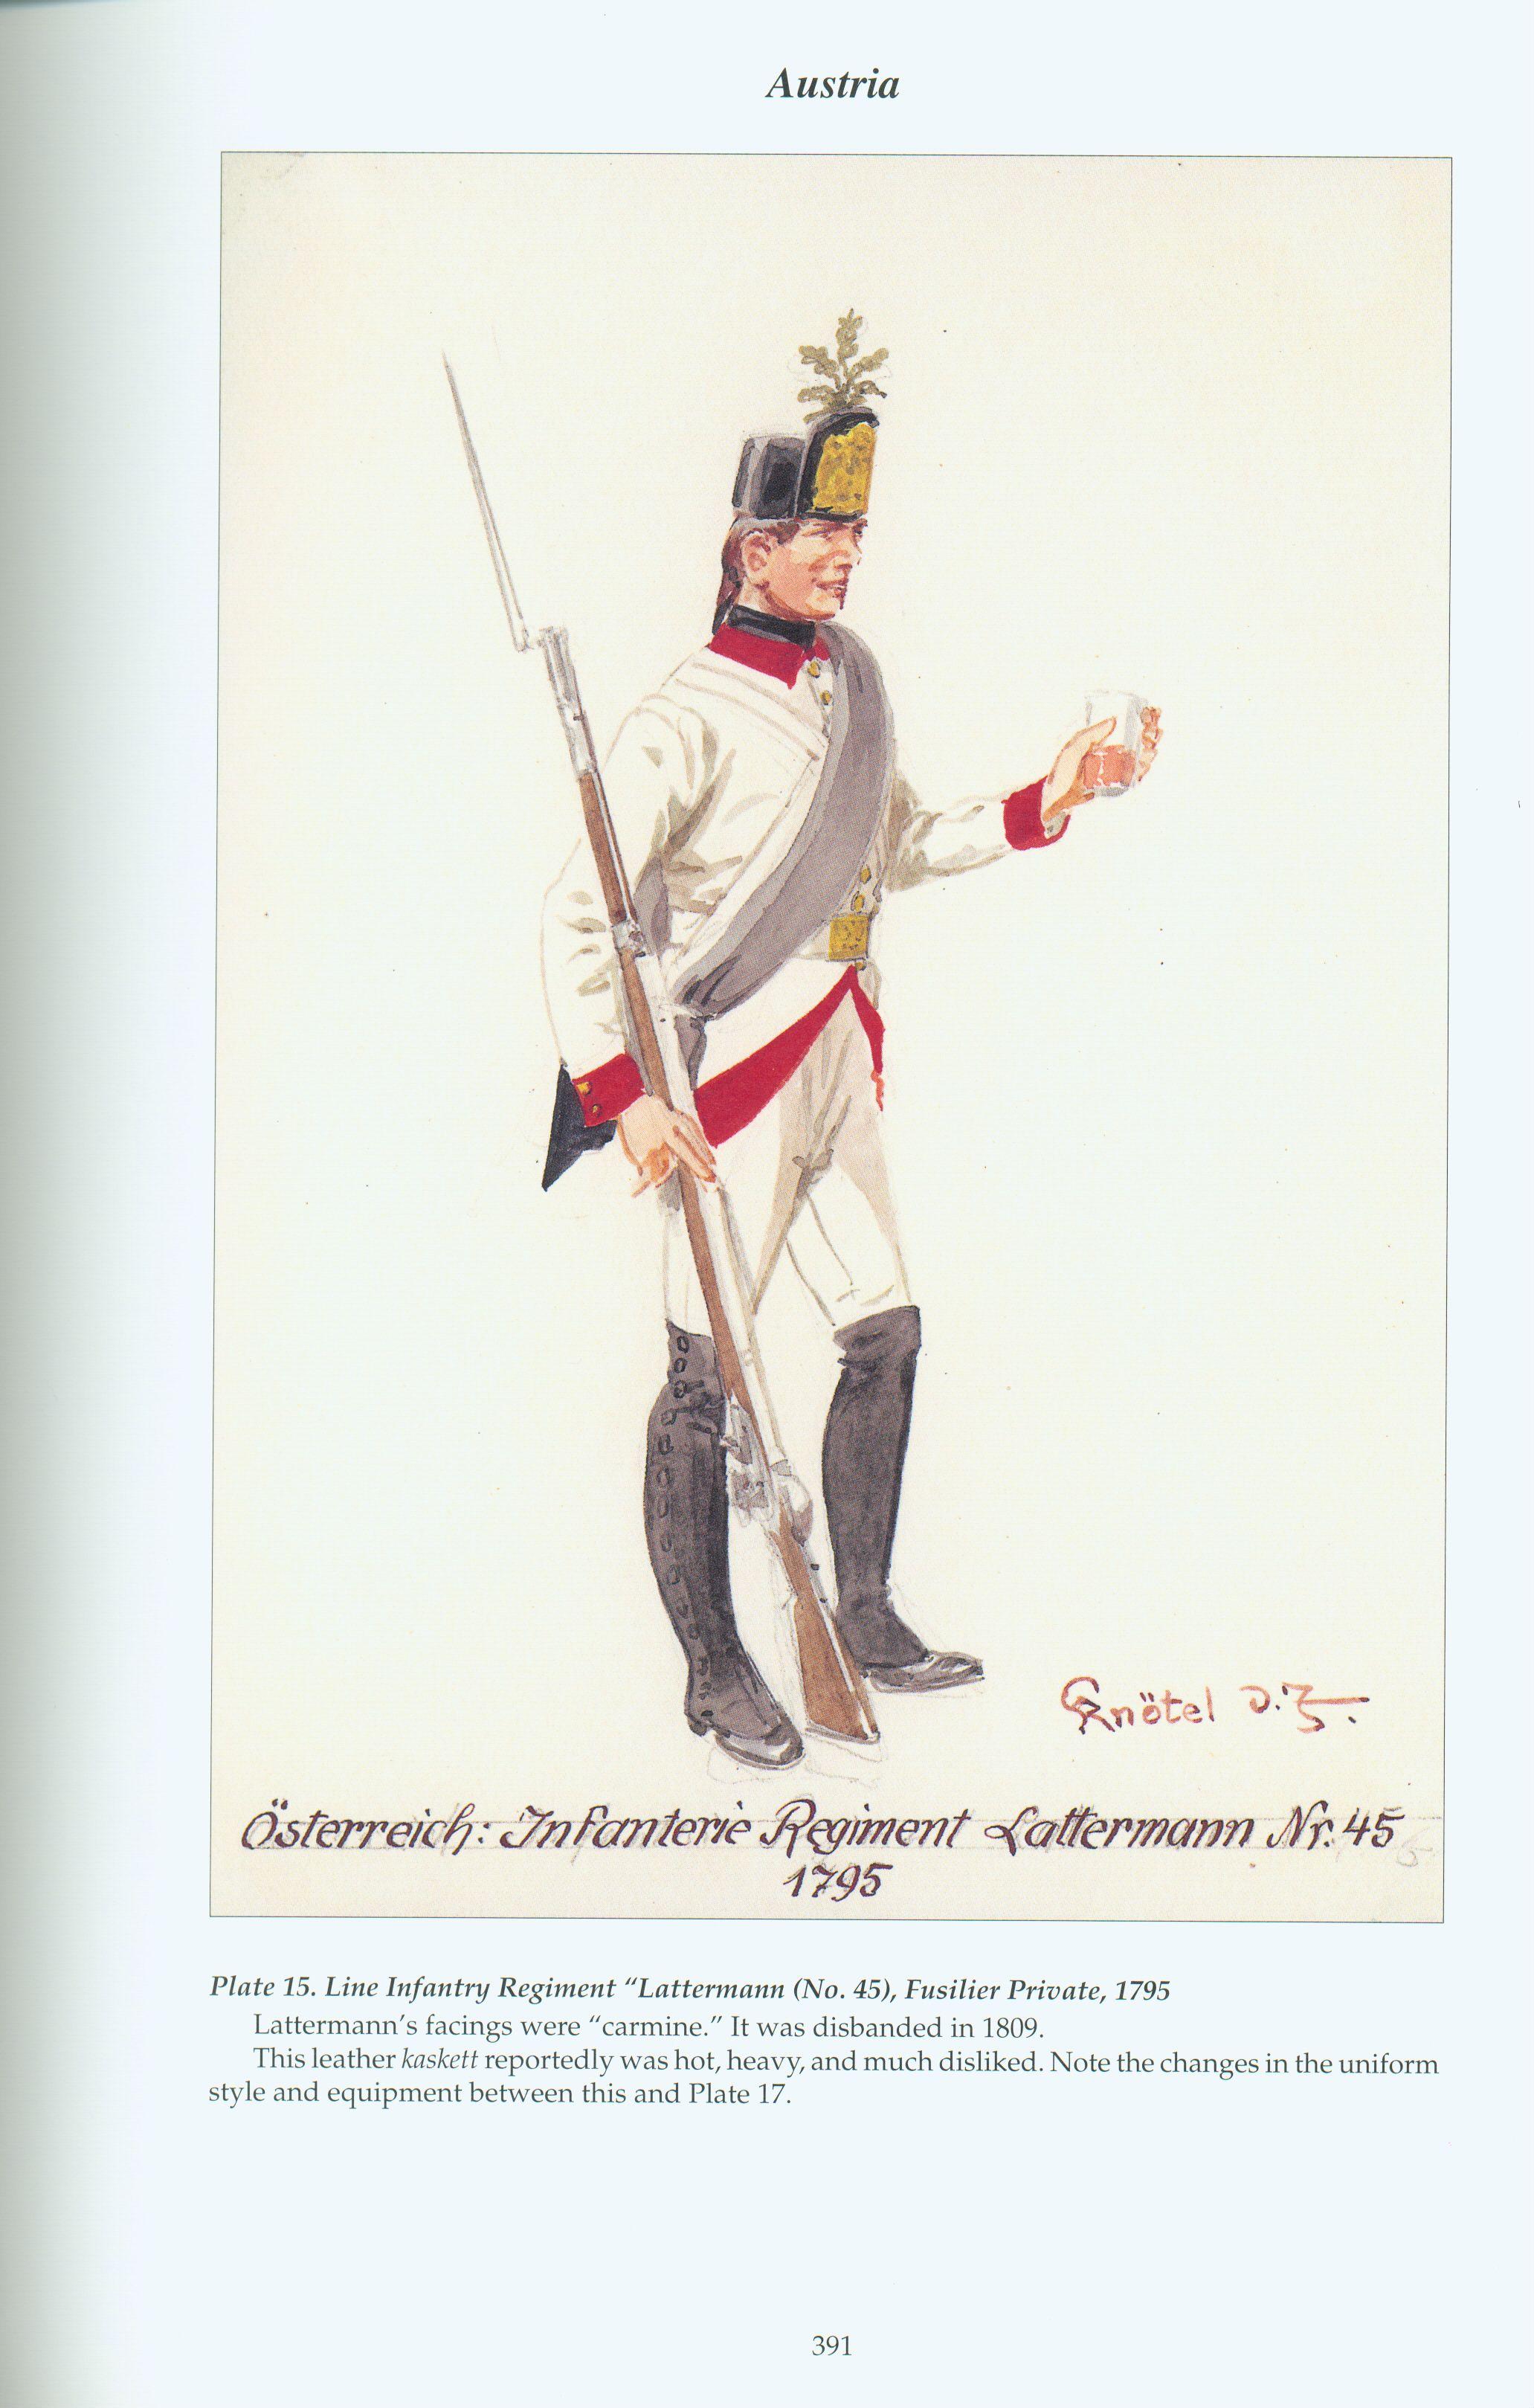 """Austria: Plate 15. Line Infantry Regiment """"Lattermann"""" (No. 45), Fusilier Private, 1795, by Knötel."""